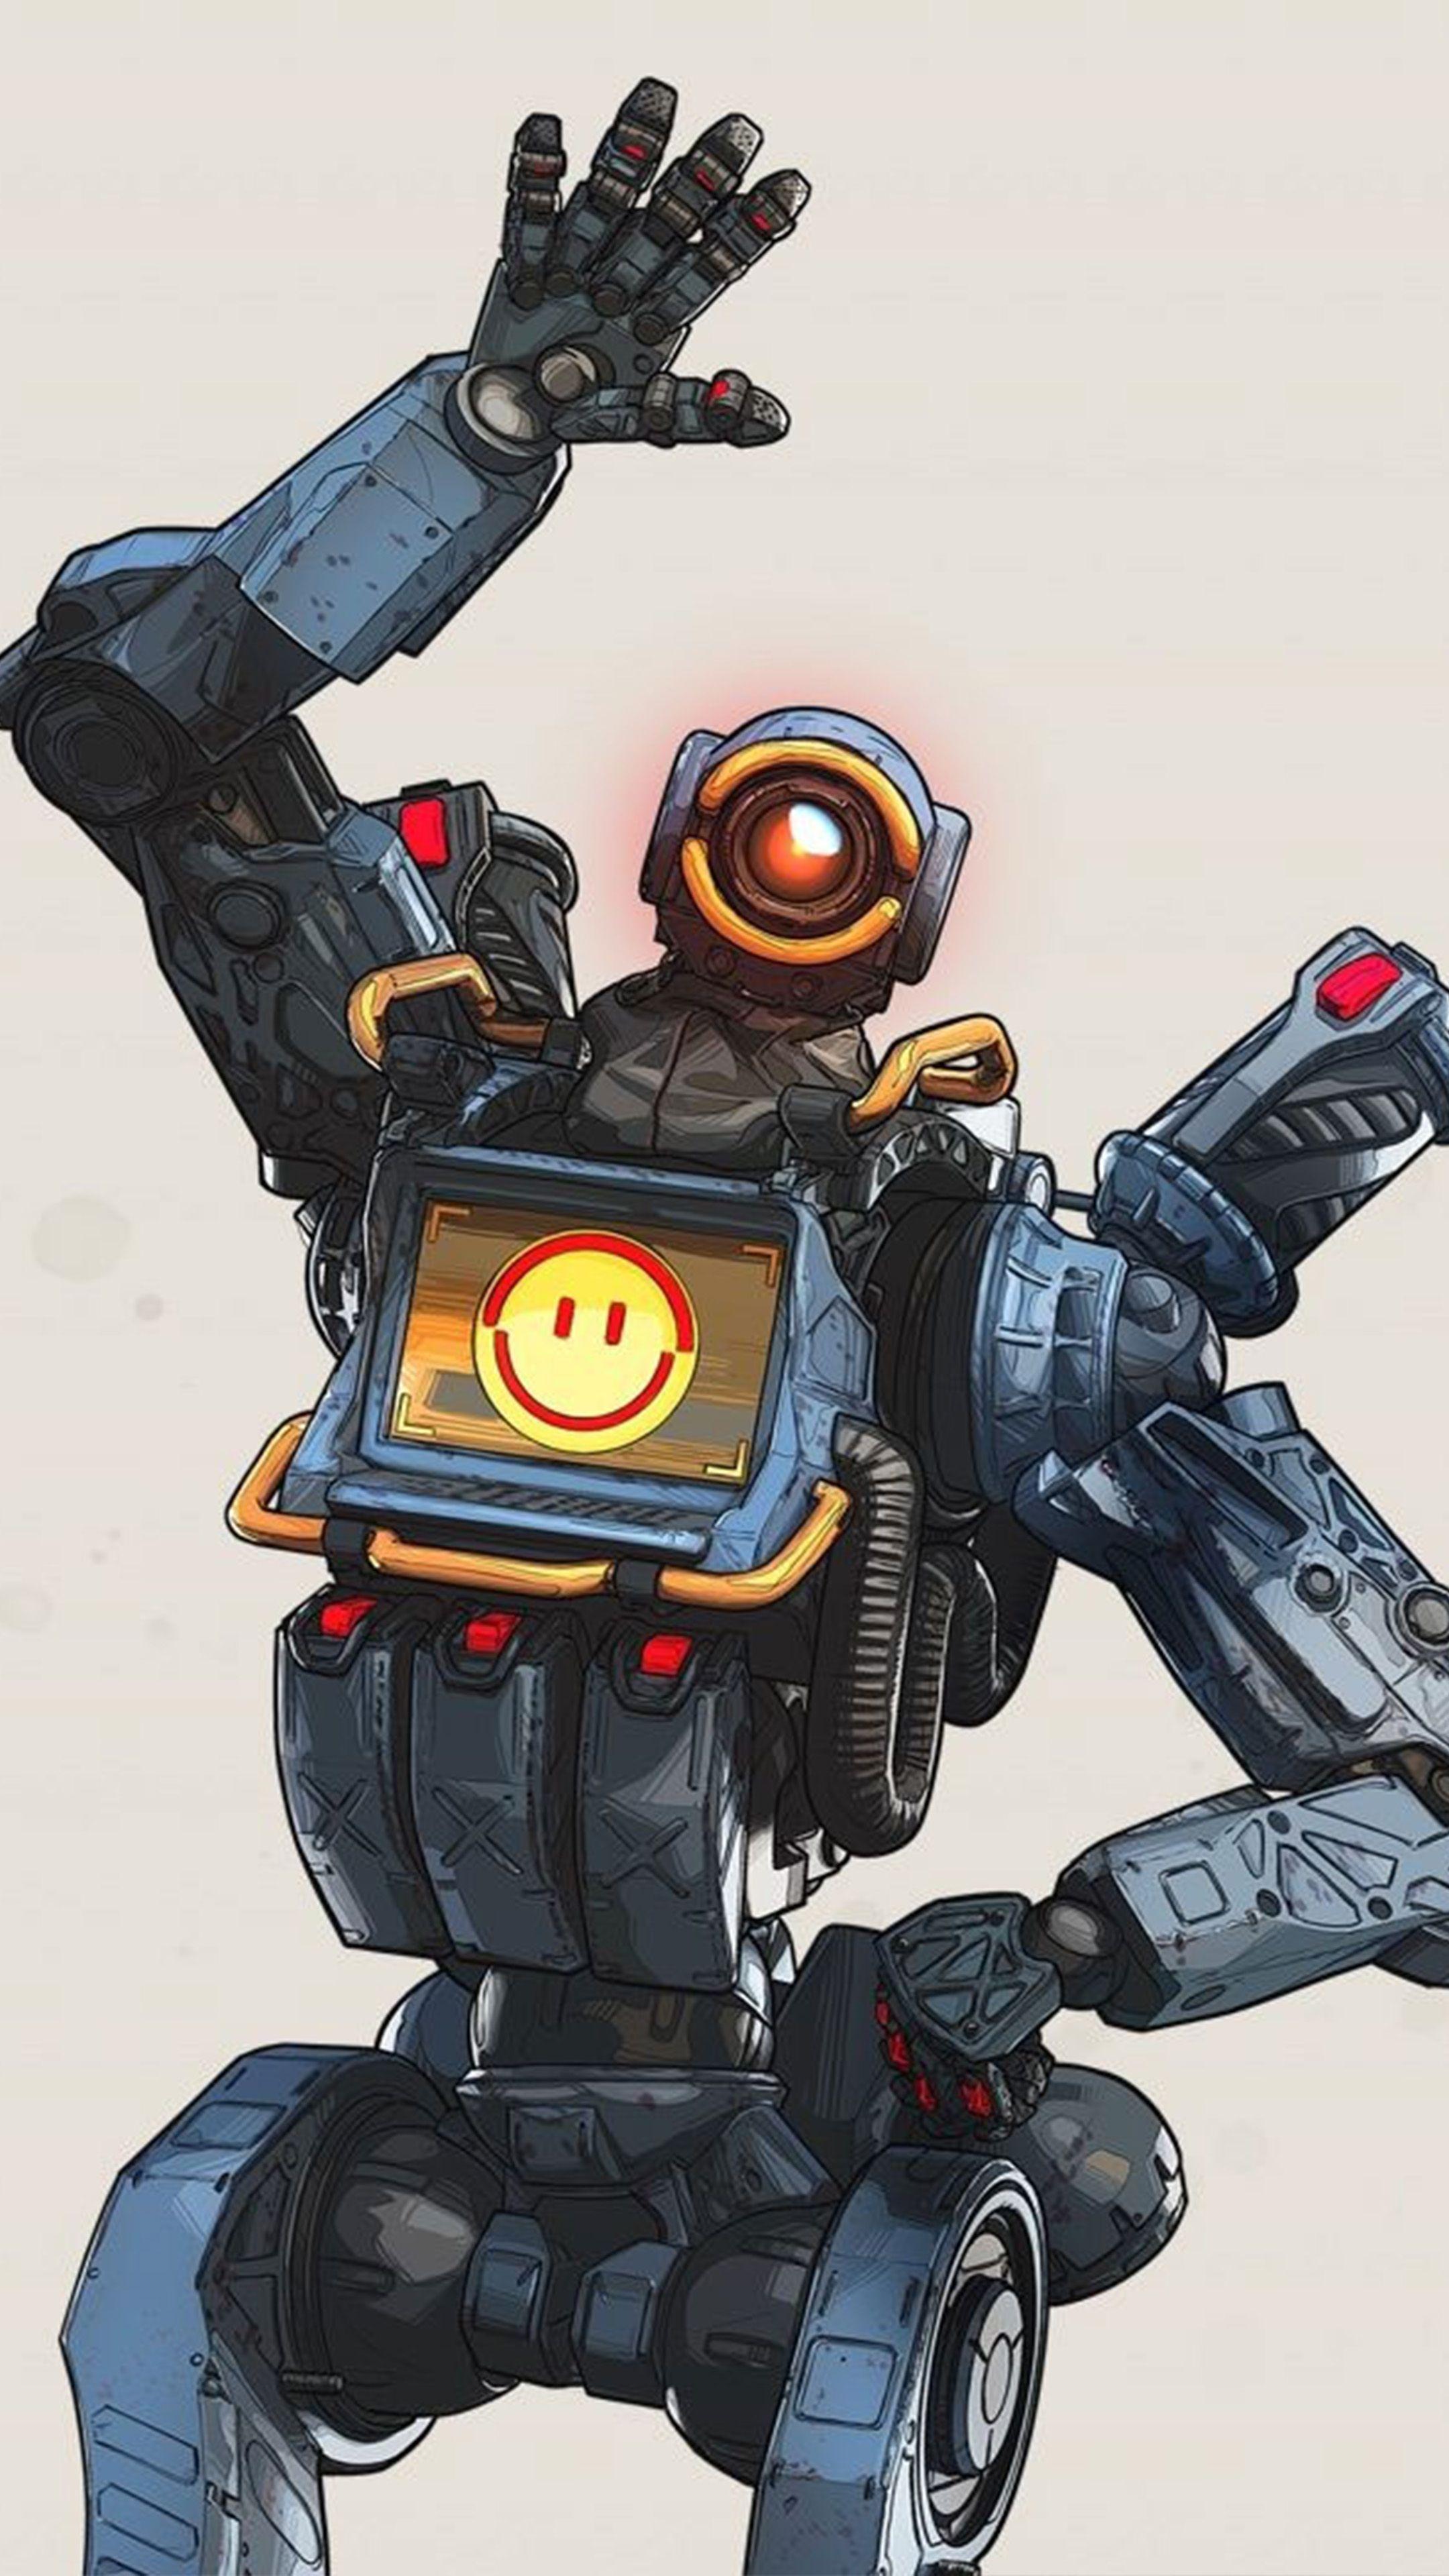 Pathfinder Apex Legends (Dengan gambar) | Gambar